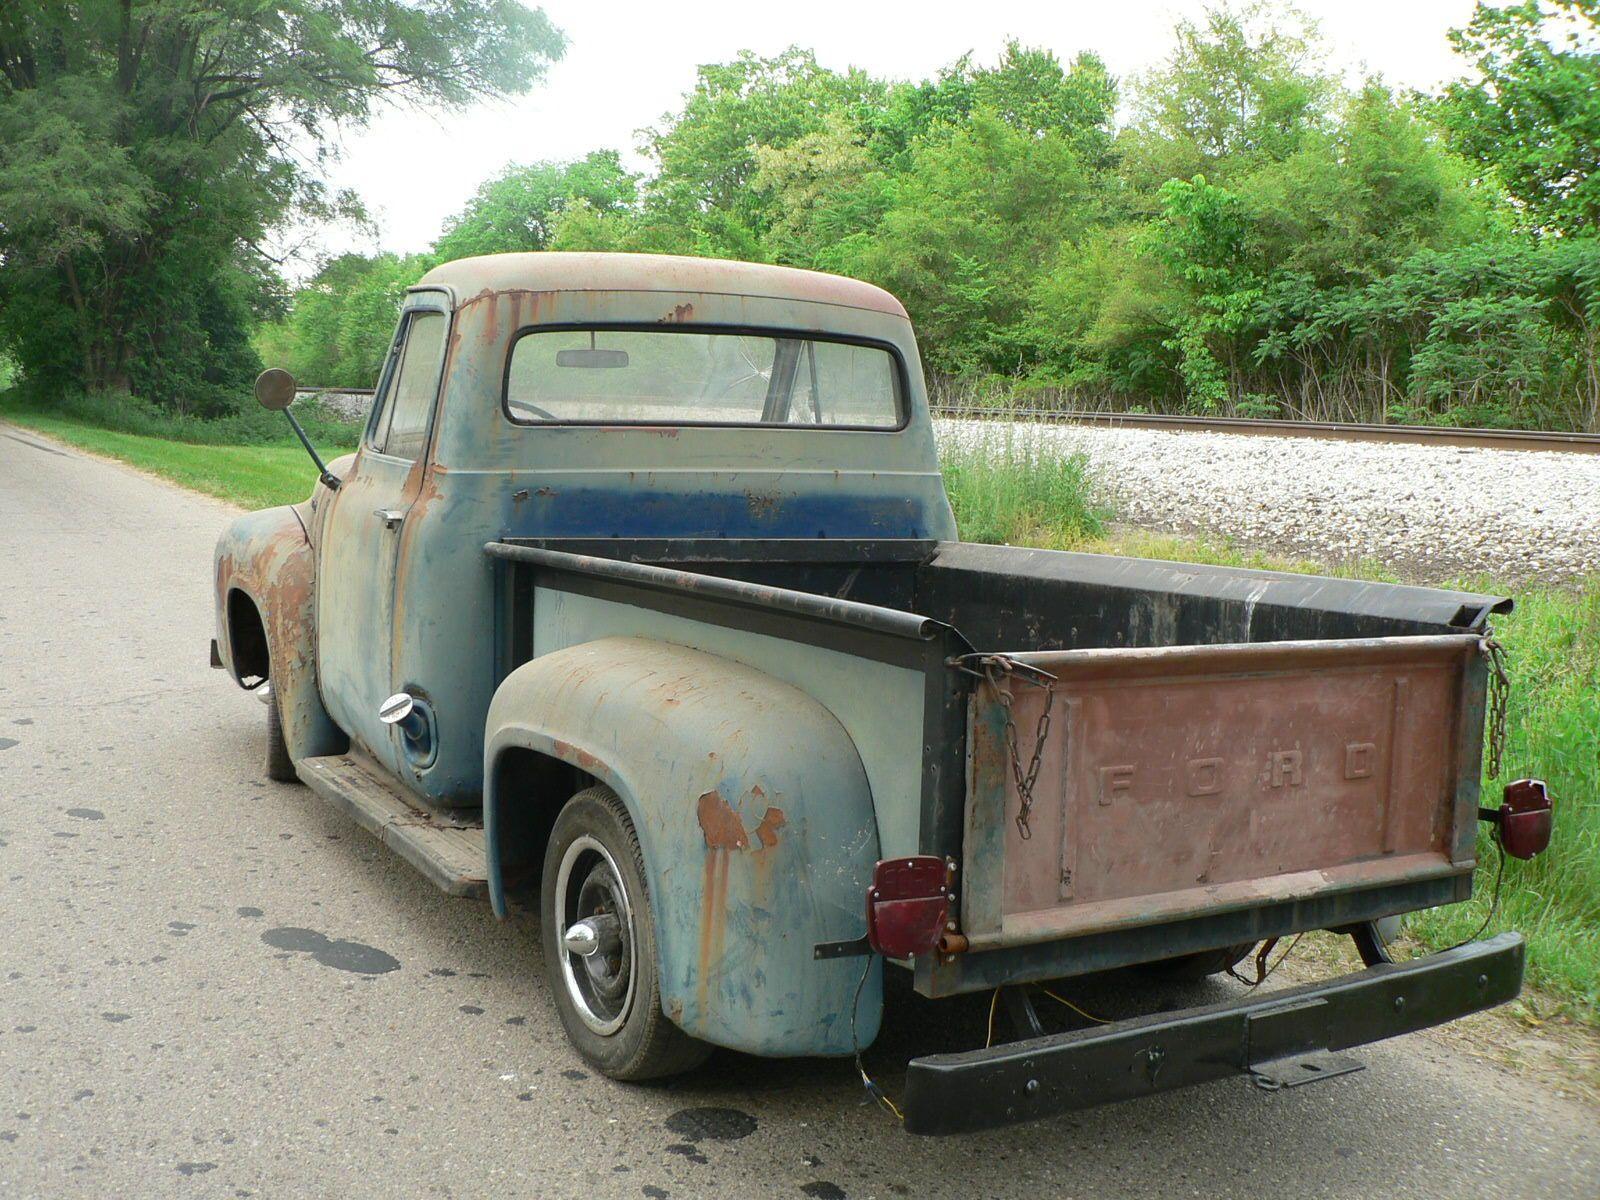 Ford F 100 | eBay | 1953-1956 Ford Trucks | Pinterest | Ford, Jeep ...